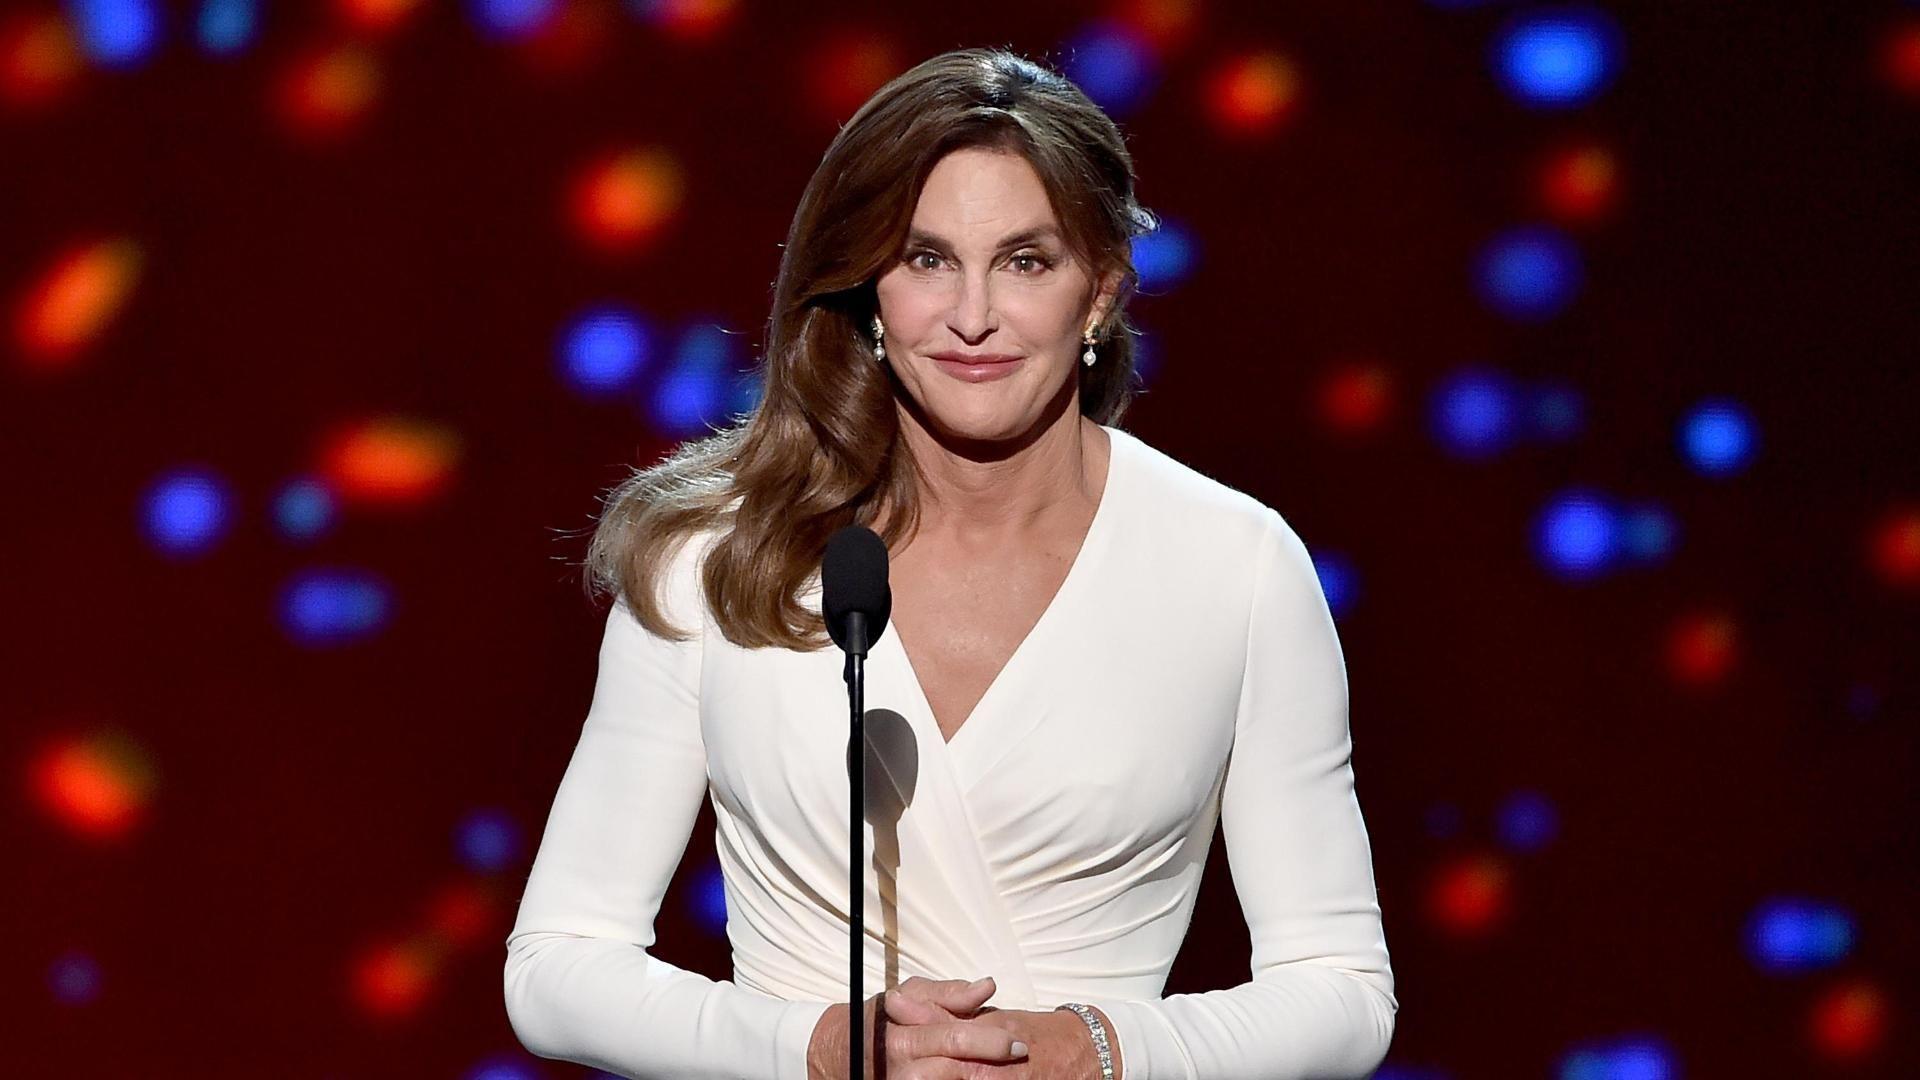 http://a3.espncdn.com/combiner/i?img=%2Fmedia%2Fmotion%2F2015%2F0716%2Fdm_150715_Caitlyn_Jenner_Speech242%2Fdm_150715_Caitlyn_Jenner_Speech242.jpg&w=943&h=530